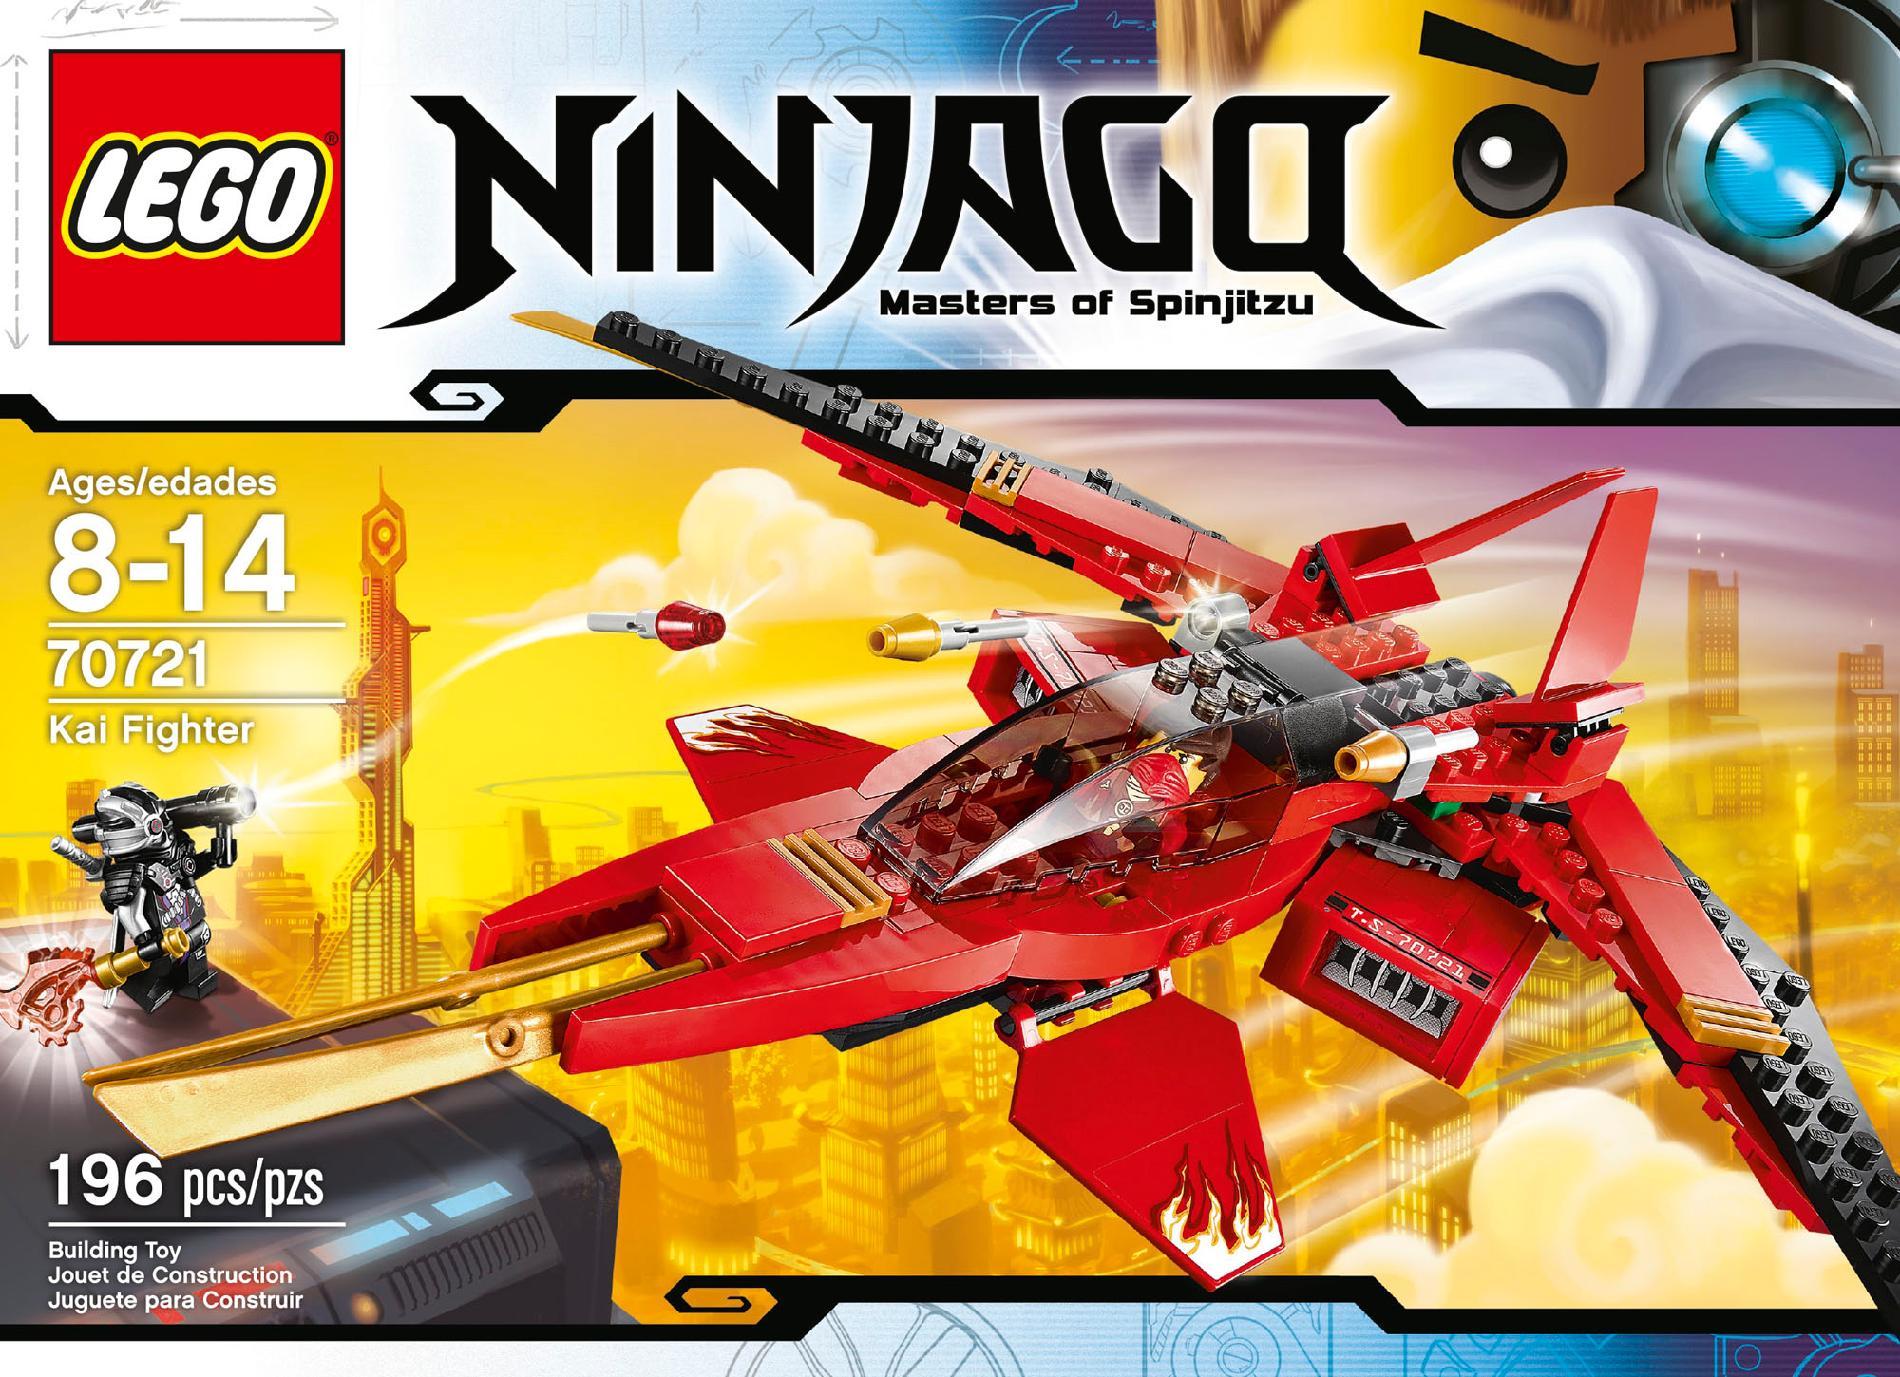 70721 kai fighter brickipedia fandom powered by wikia - Photo lego ninjago ...